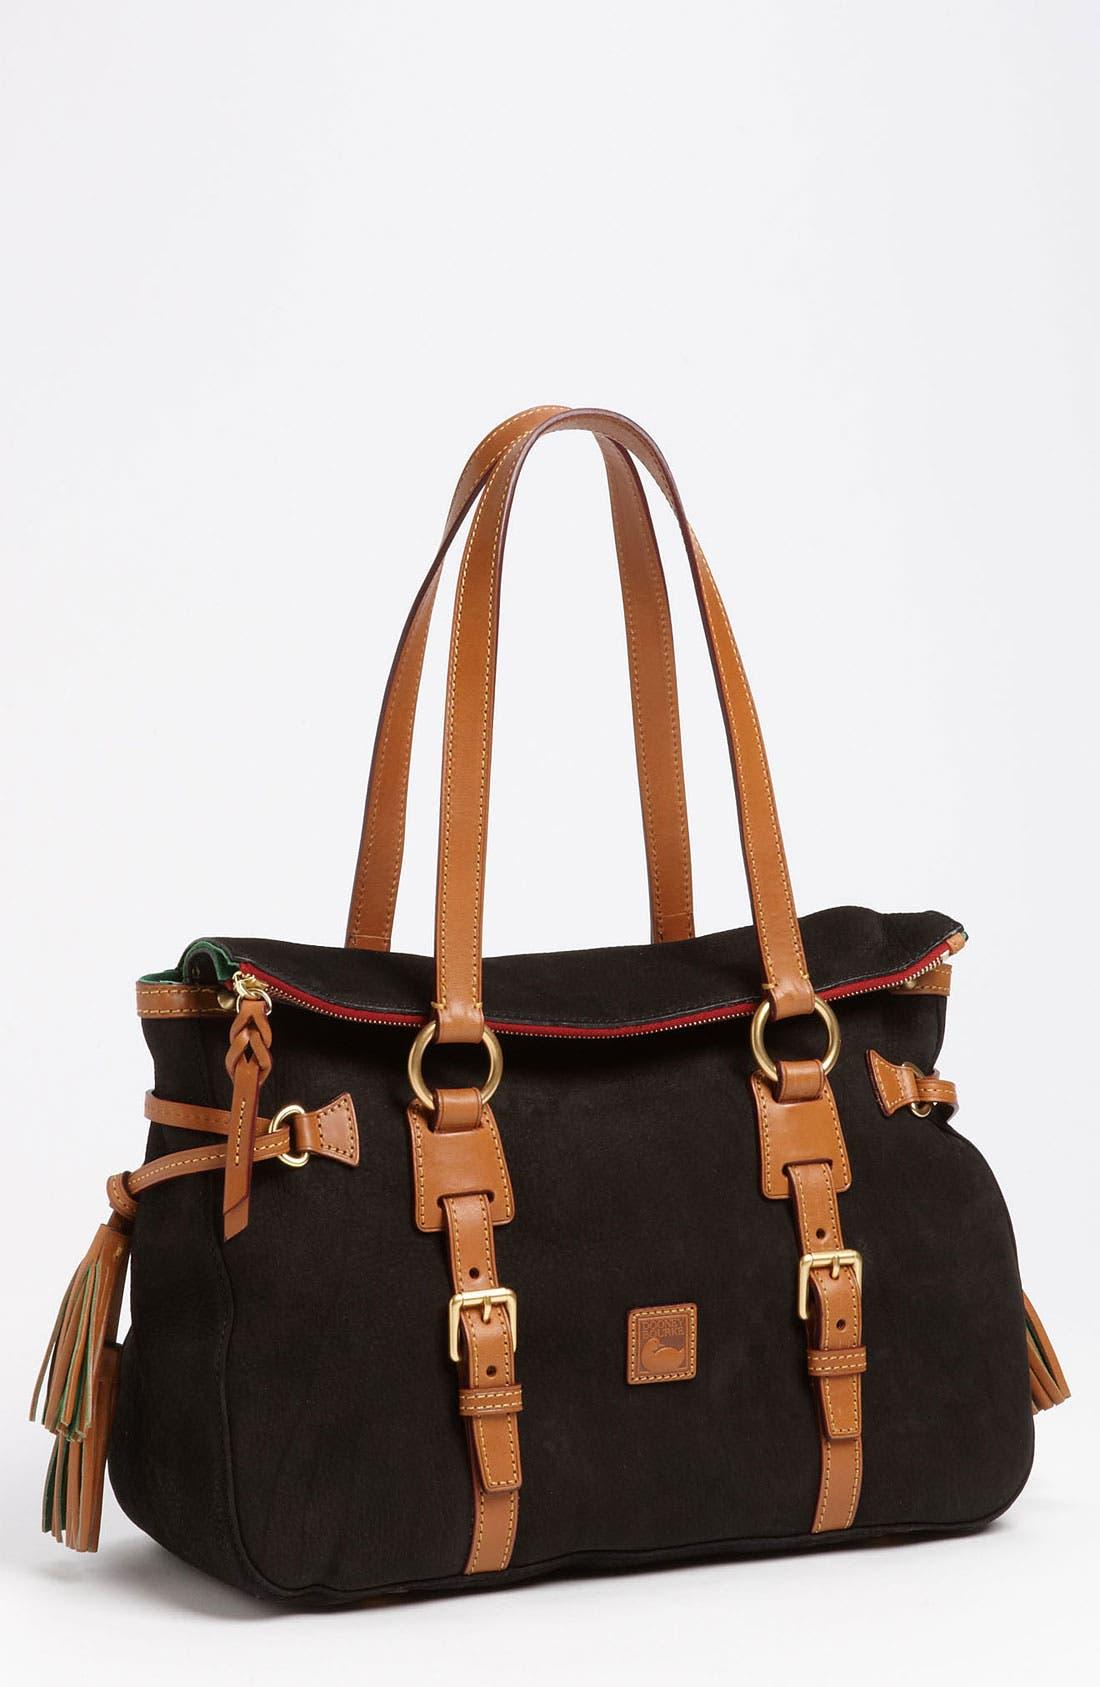 Main Image - Dooney & Bourke 'Double Strap Tassel' Satchel (Nordstrom Exclusive)